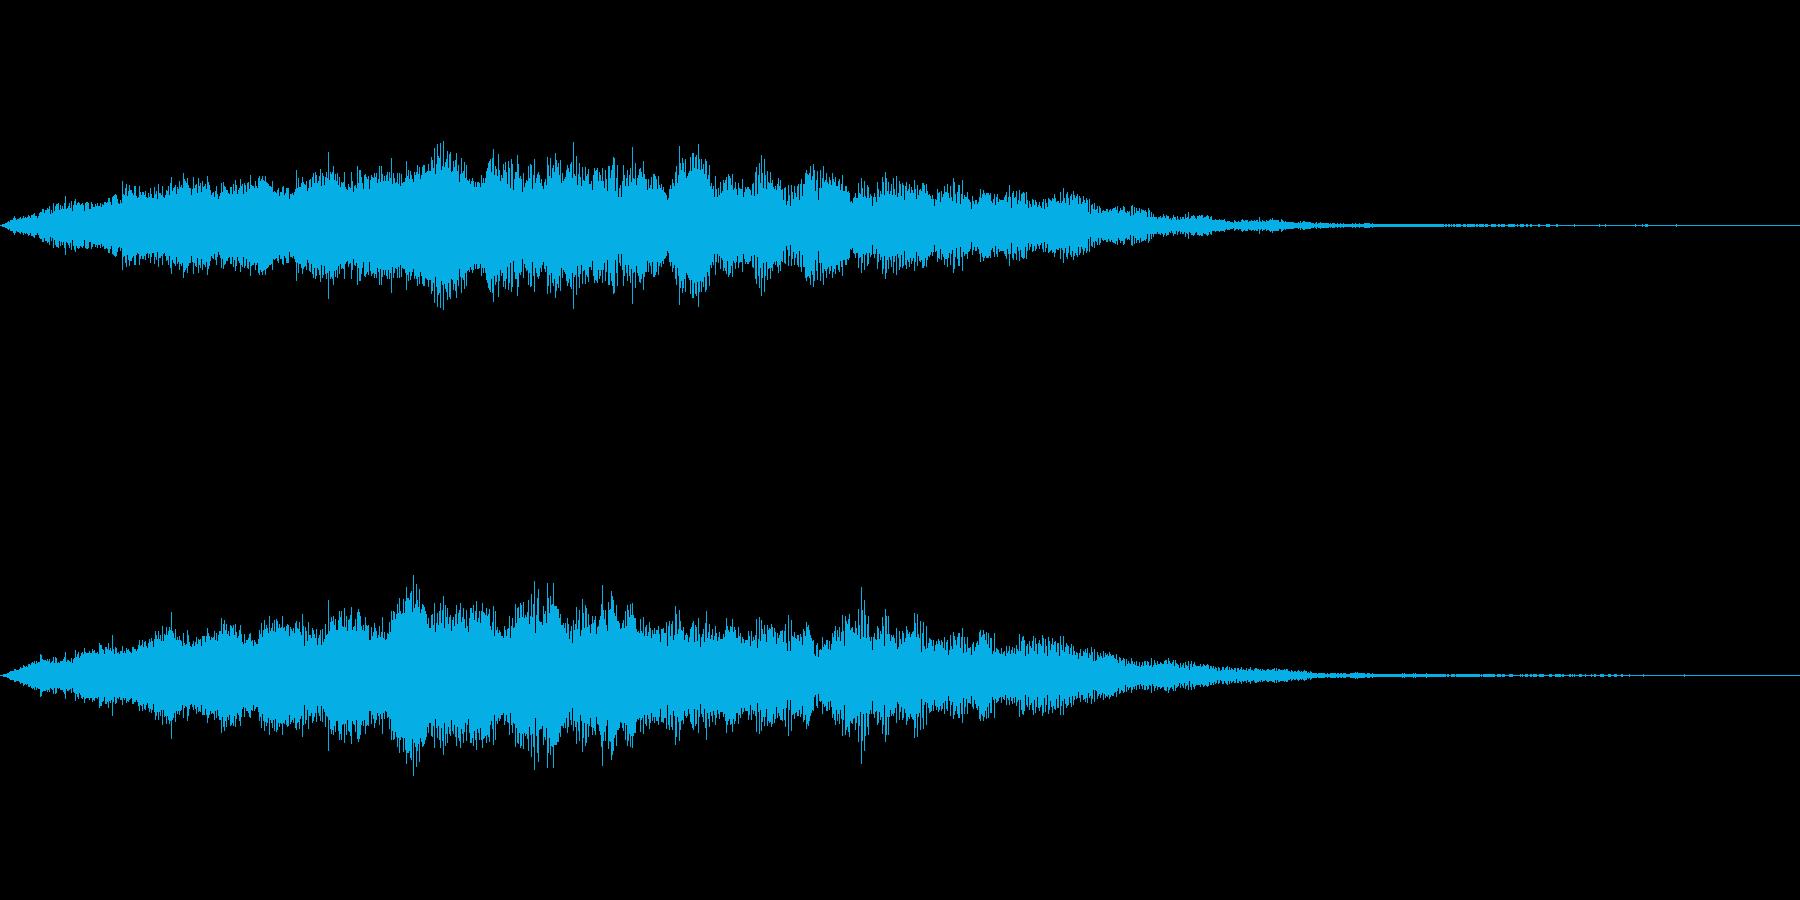 スペイシーな空間音 Gメジャーの再生済みの波形